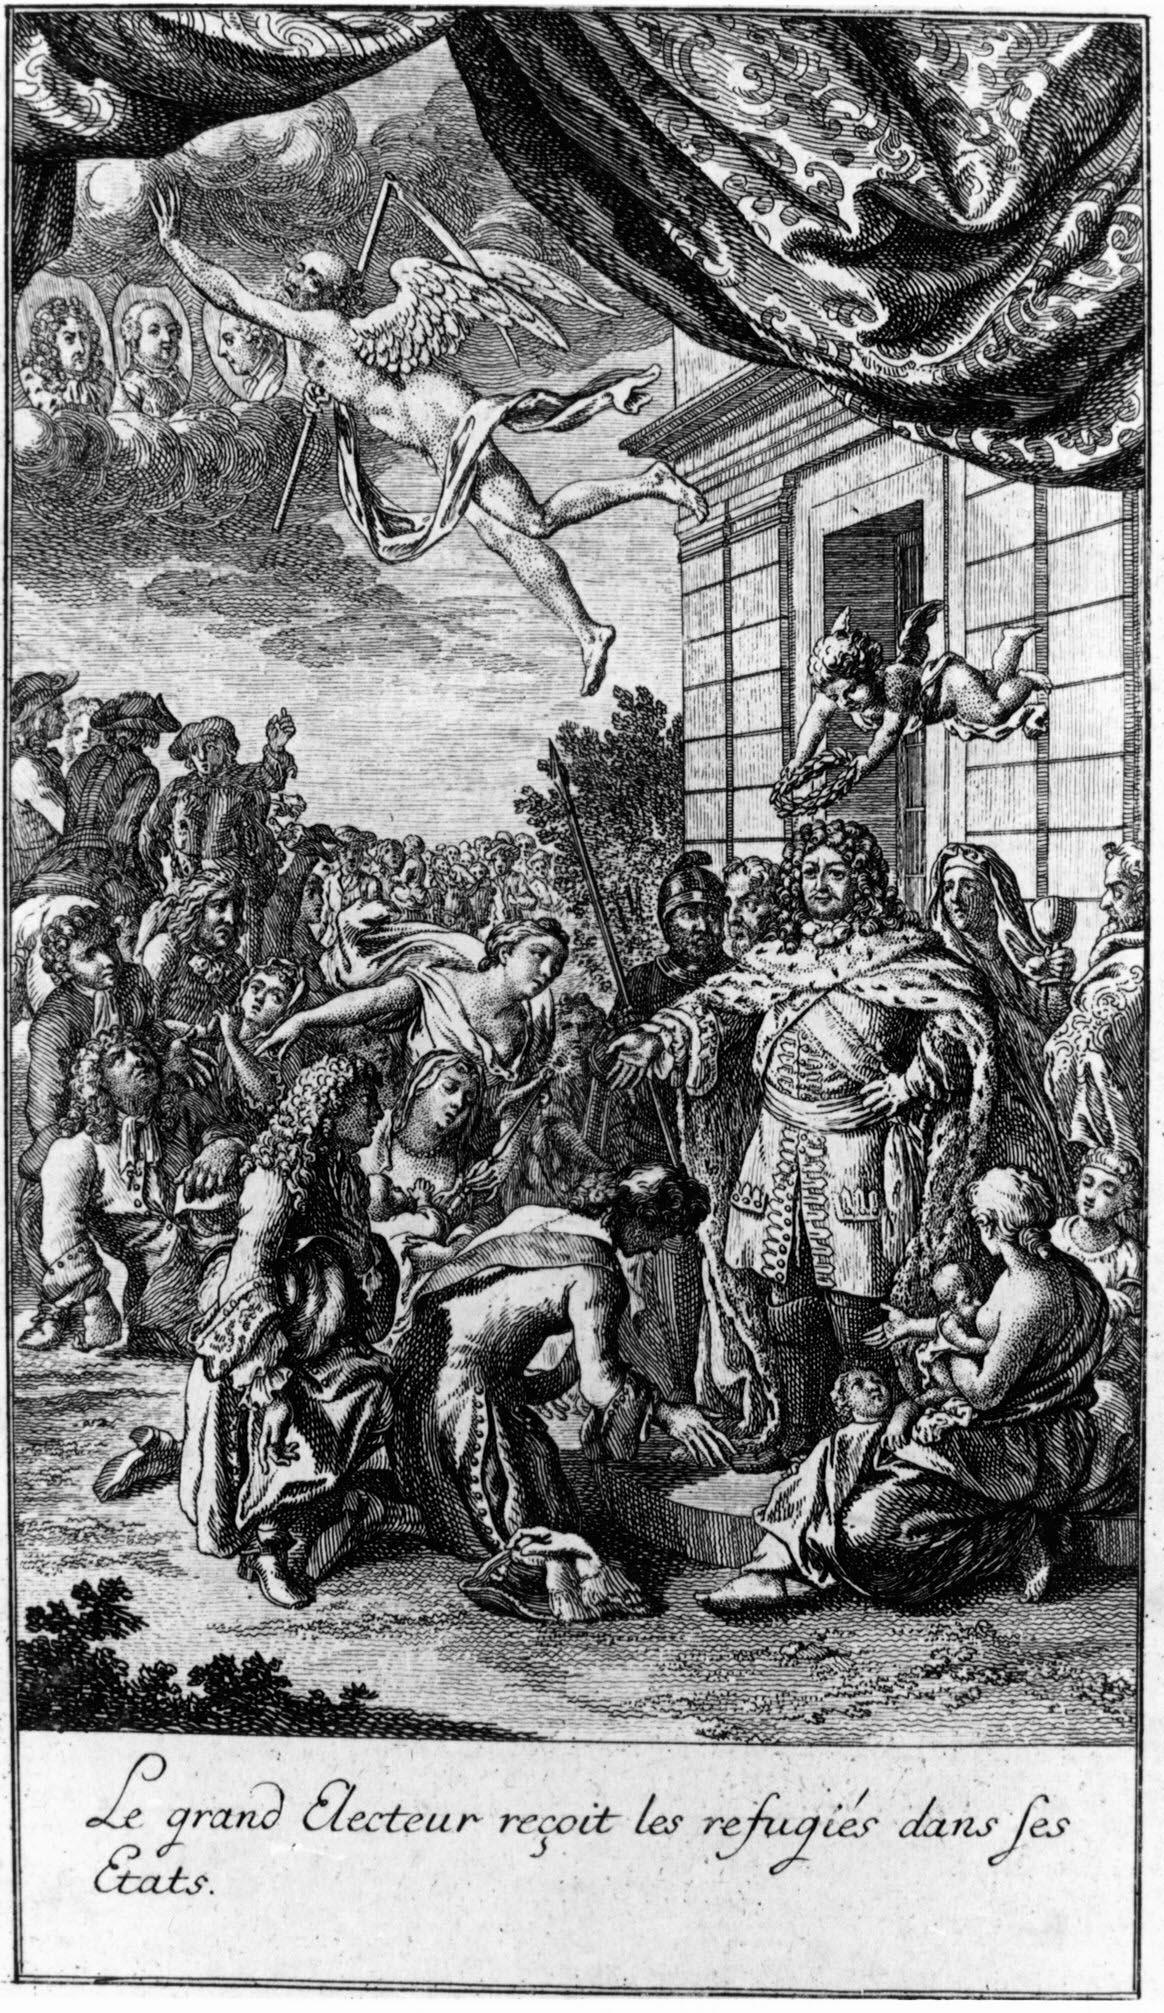 """Daniel Chodowiecki (1726–1801), """"Le grand Electeur reçoit les refugies dans ses Etats"""", Radierung nach Johann Jakob Thurneysen (1636–1711), 1782, 11,6 x 18,6 cm; Bildquelle: Erman, Jean Pierre / Reclam, Pierre Chrétien Frédéric: Mémoires pou servir à l'histoire des Réfugiés françois dans les Etats du Roi, Berlin 1782, vol. 1, Titelvignette. Hugenottenmuseum Bad Karlshafen, http://www.hugenottenmuseum.de/hugenotten/bildergalerien/aufnahme/02-daniel-chodowiecki-empfang-potsdam.php."""